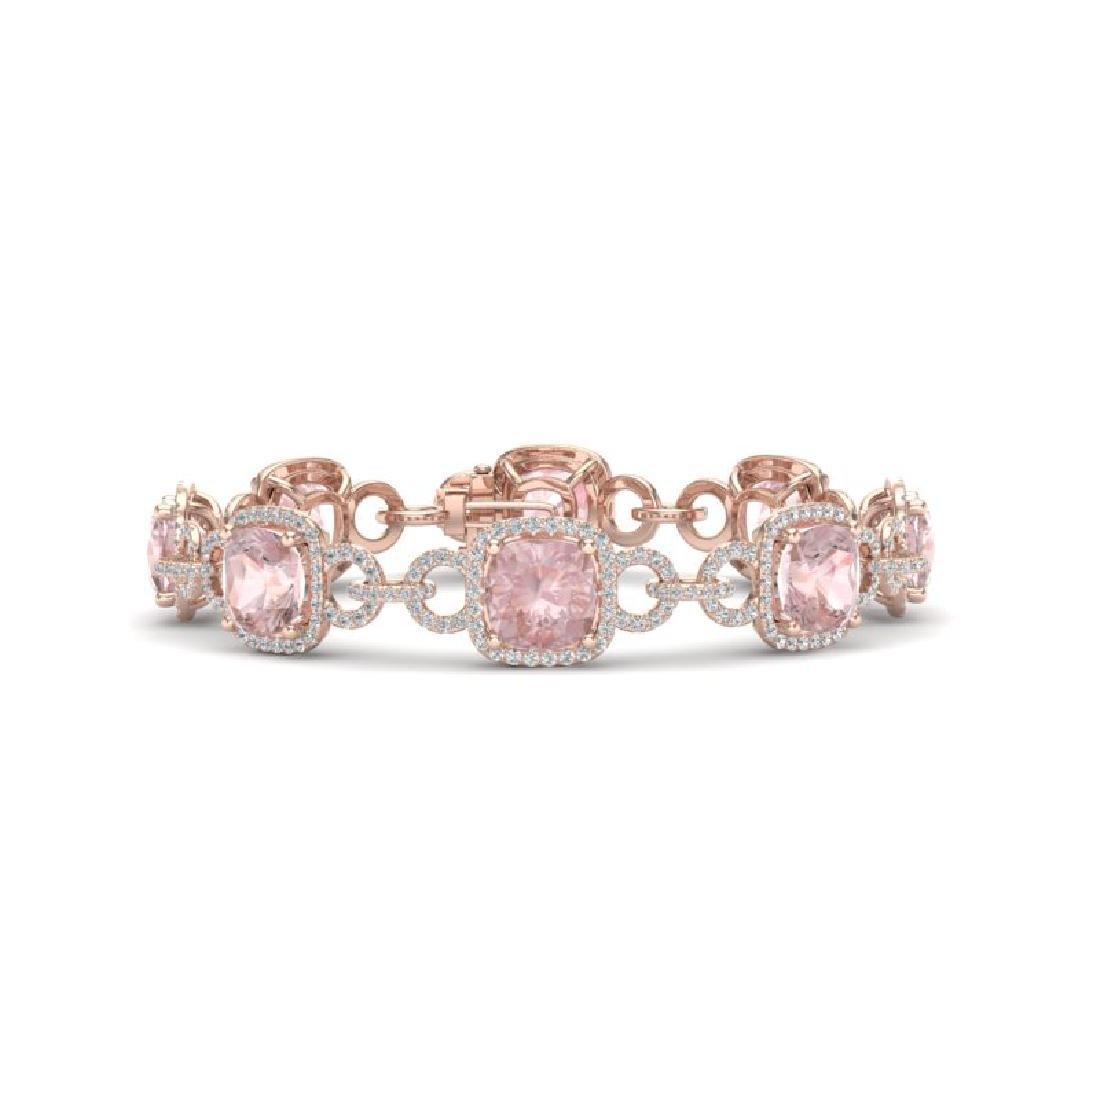 22 CTW Morganite & VS/SI Diamond Bracelet 14K Rose Gold